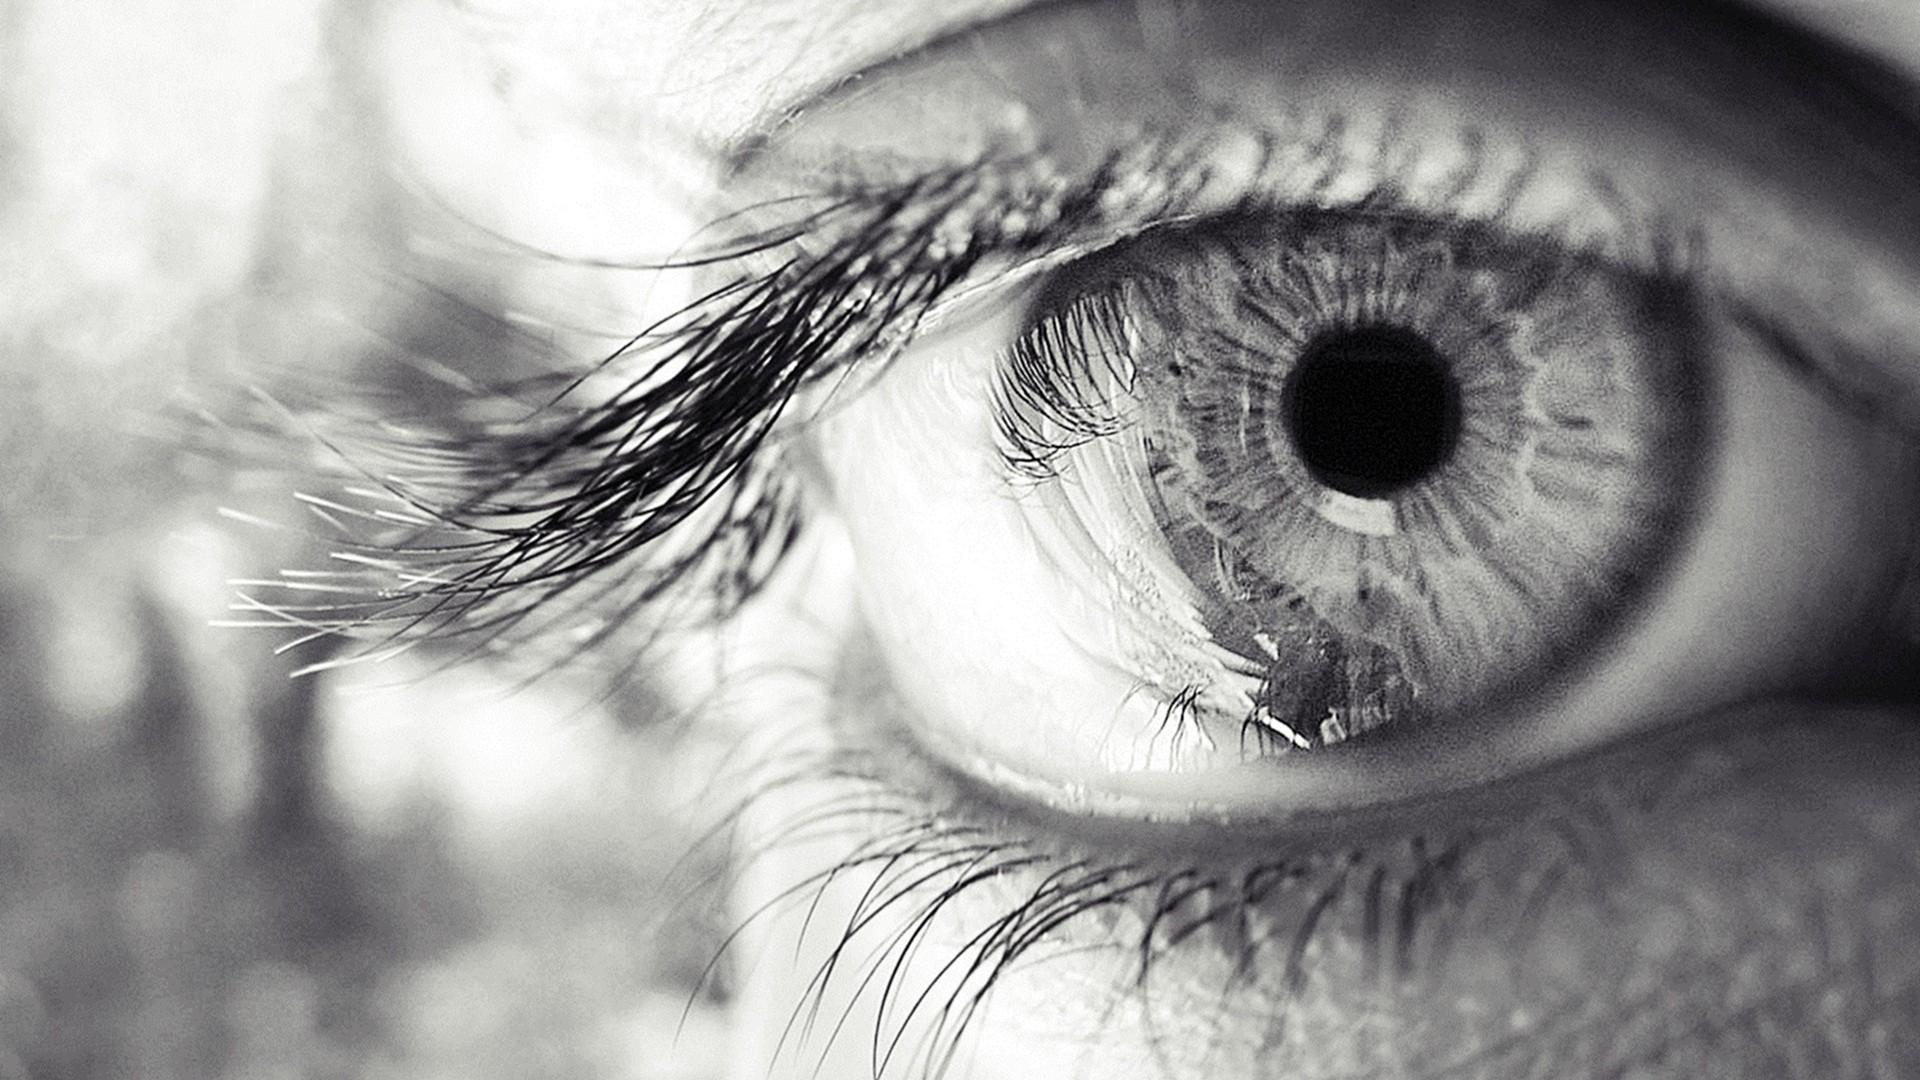 Eye eyelashes pupil black and white